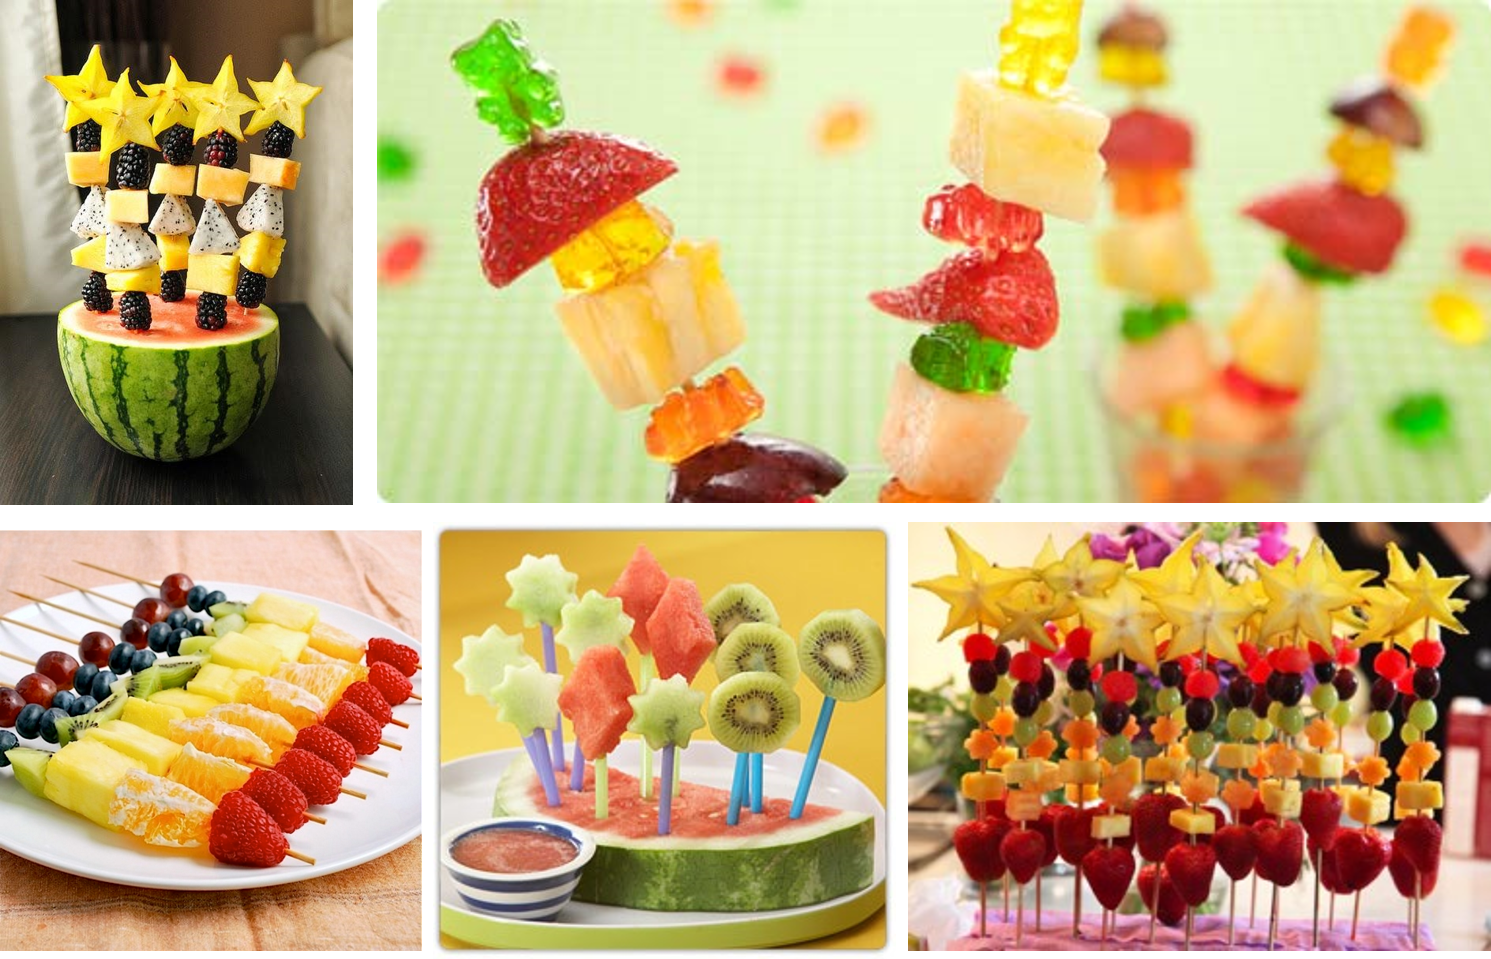 decoracion merienda dulces frutas juegos ideas imprimibles gratis para cumpleaos y fiestas postres pinterest fruta